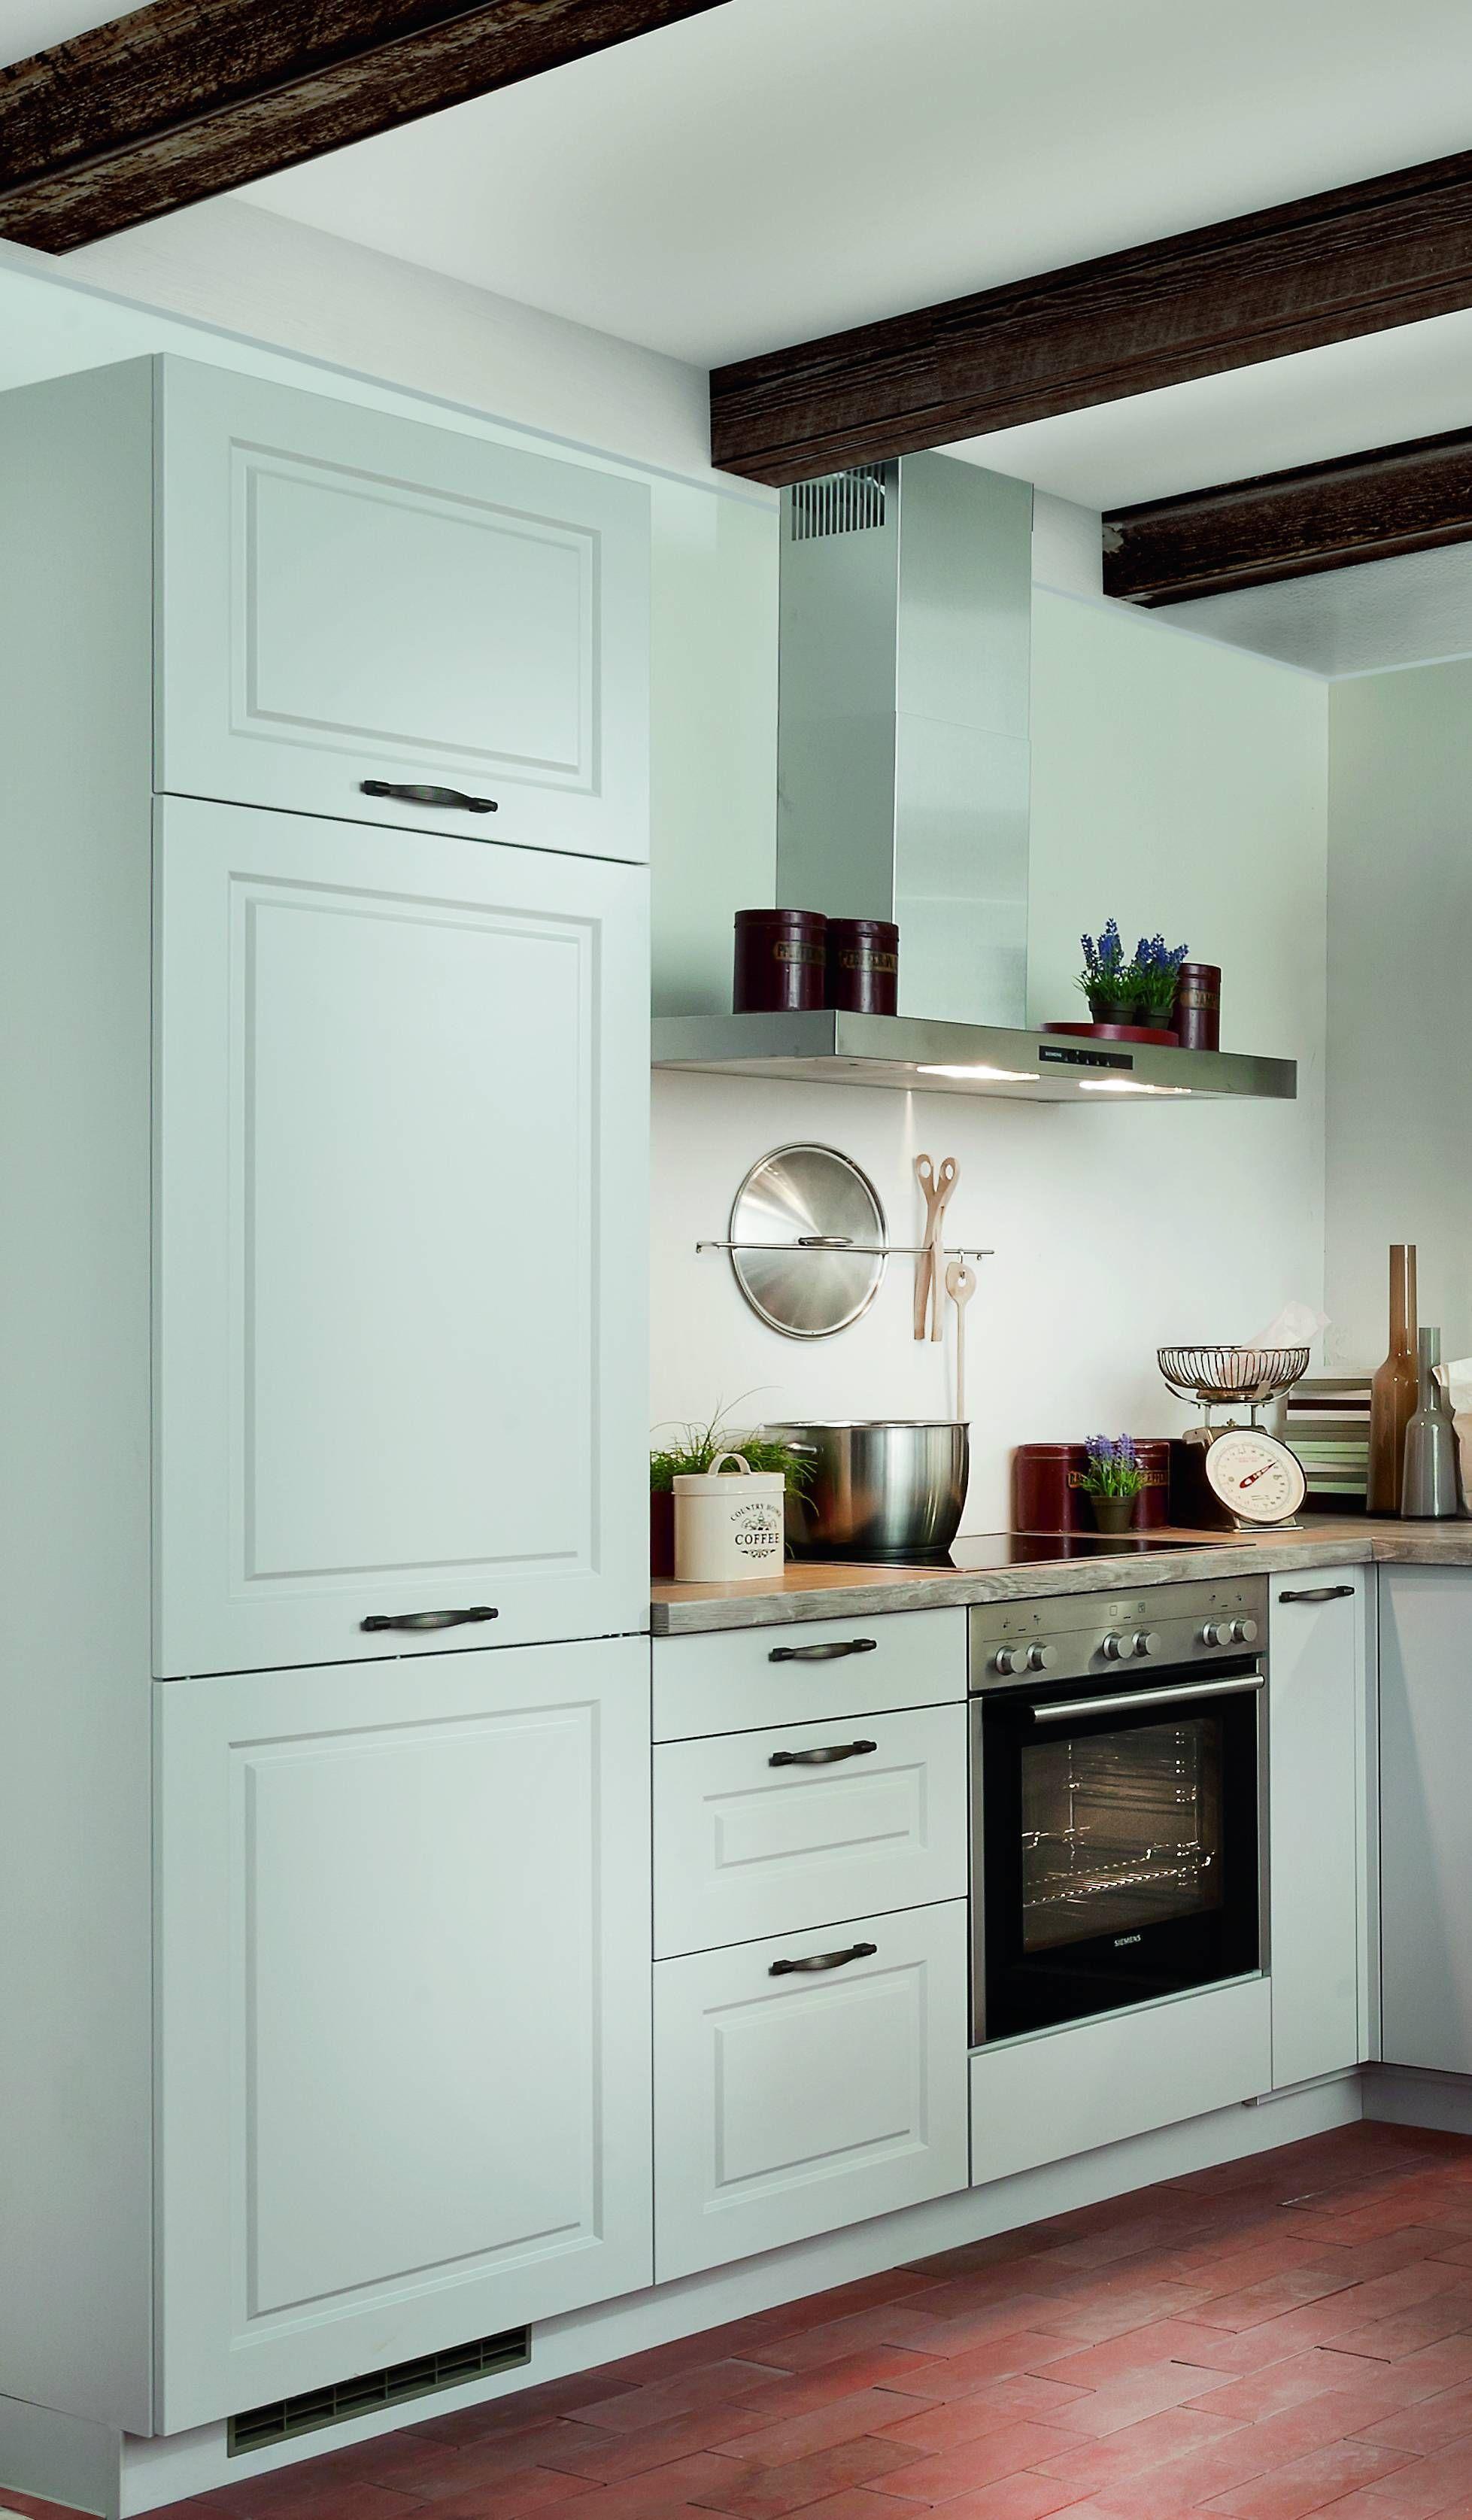 Einbauküche, Eckküche im Lanhausstil in der Farbe